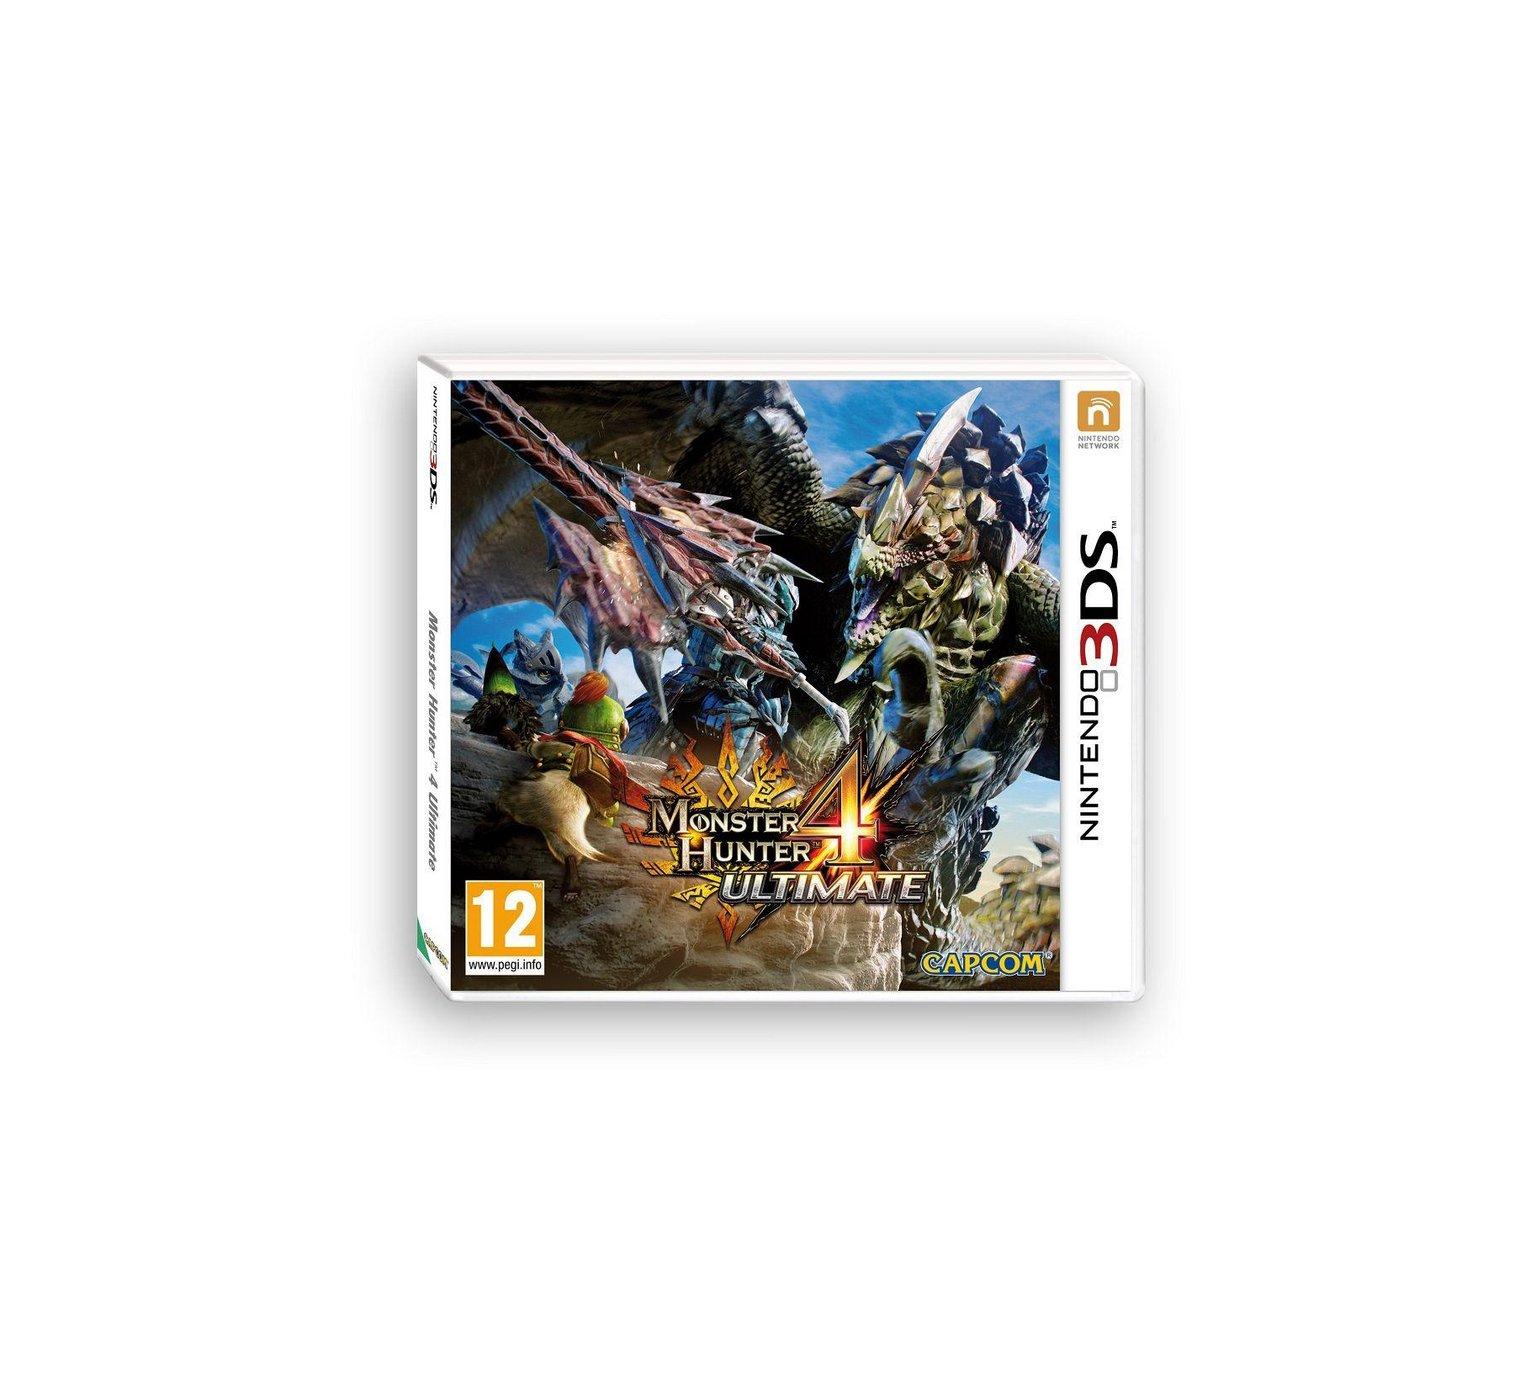 Monster Hunter 4 Ultimate (3DS) for £24.99 - Argos